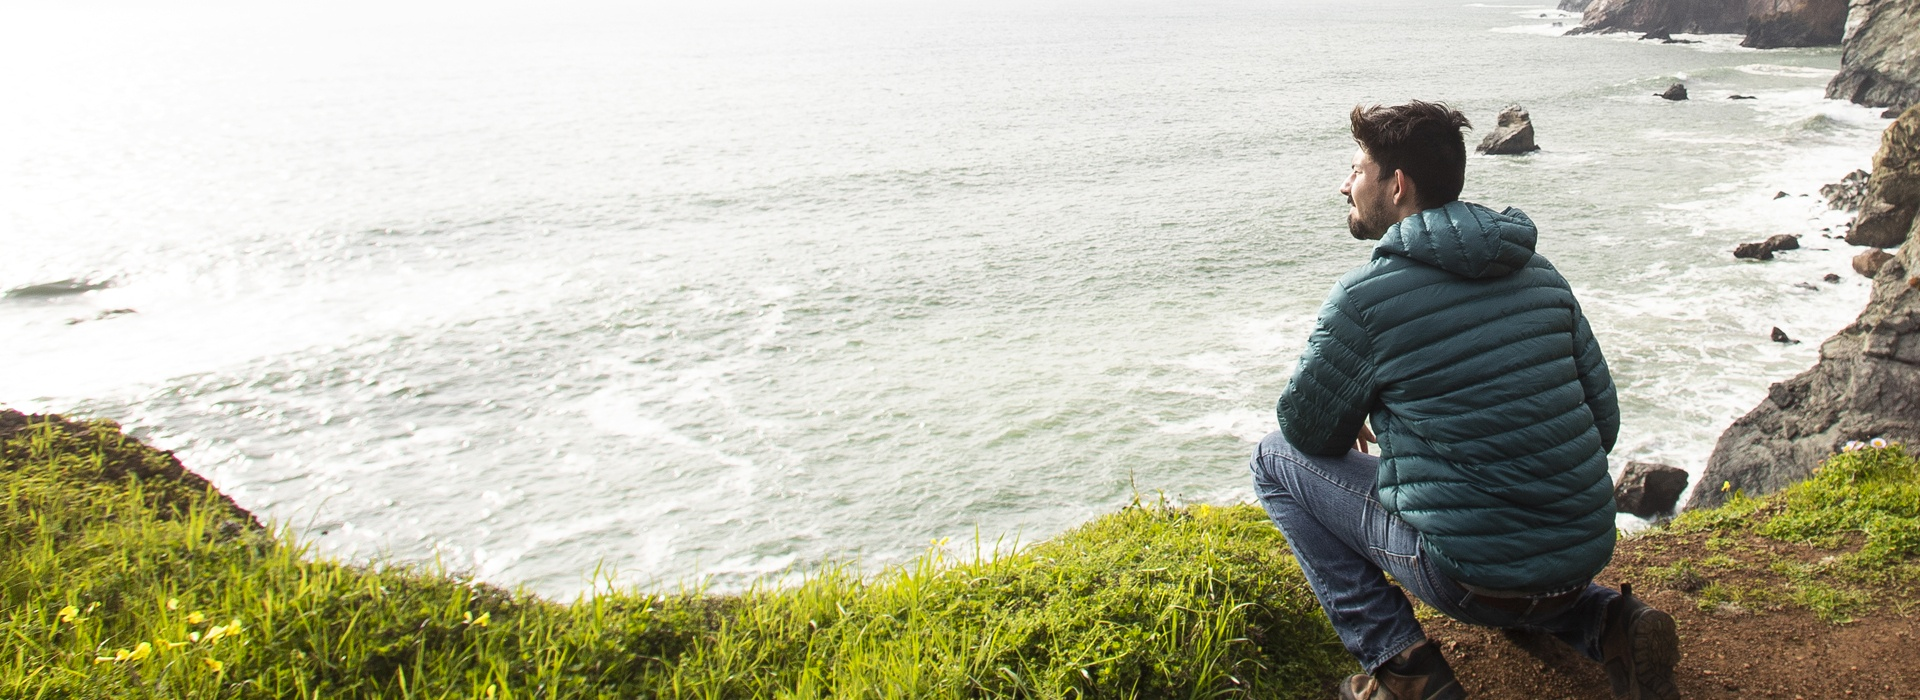 Man kneeling beside a cliff overlooking the ocean